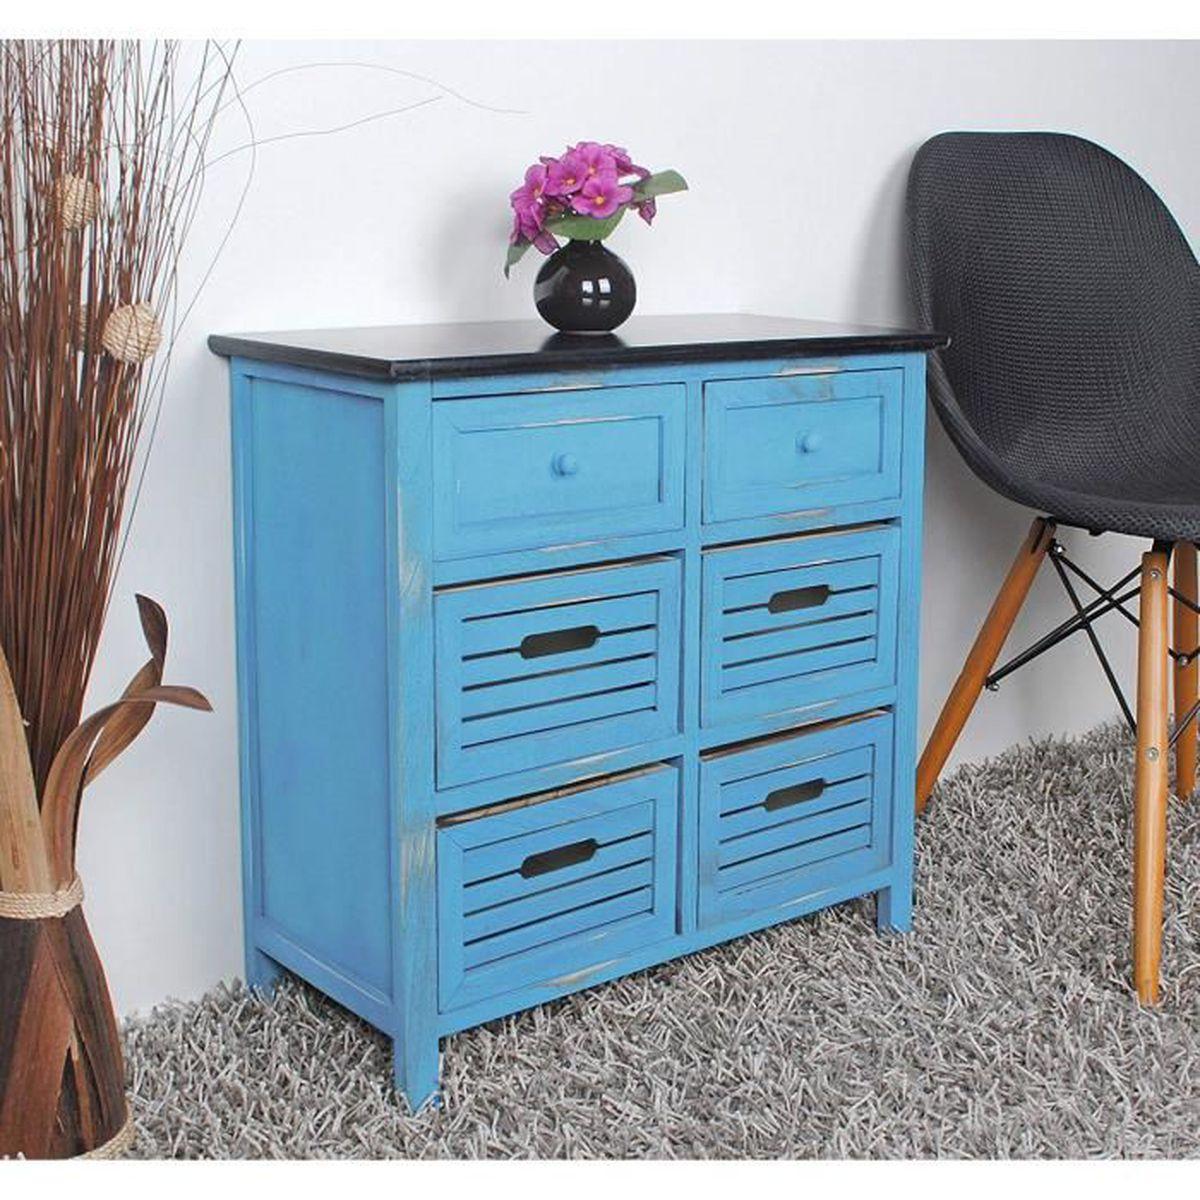 Paire De Style Antique Armoire Placard Poignée Porte Pull Chic meubles METAL